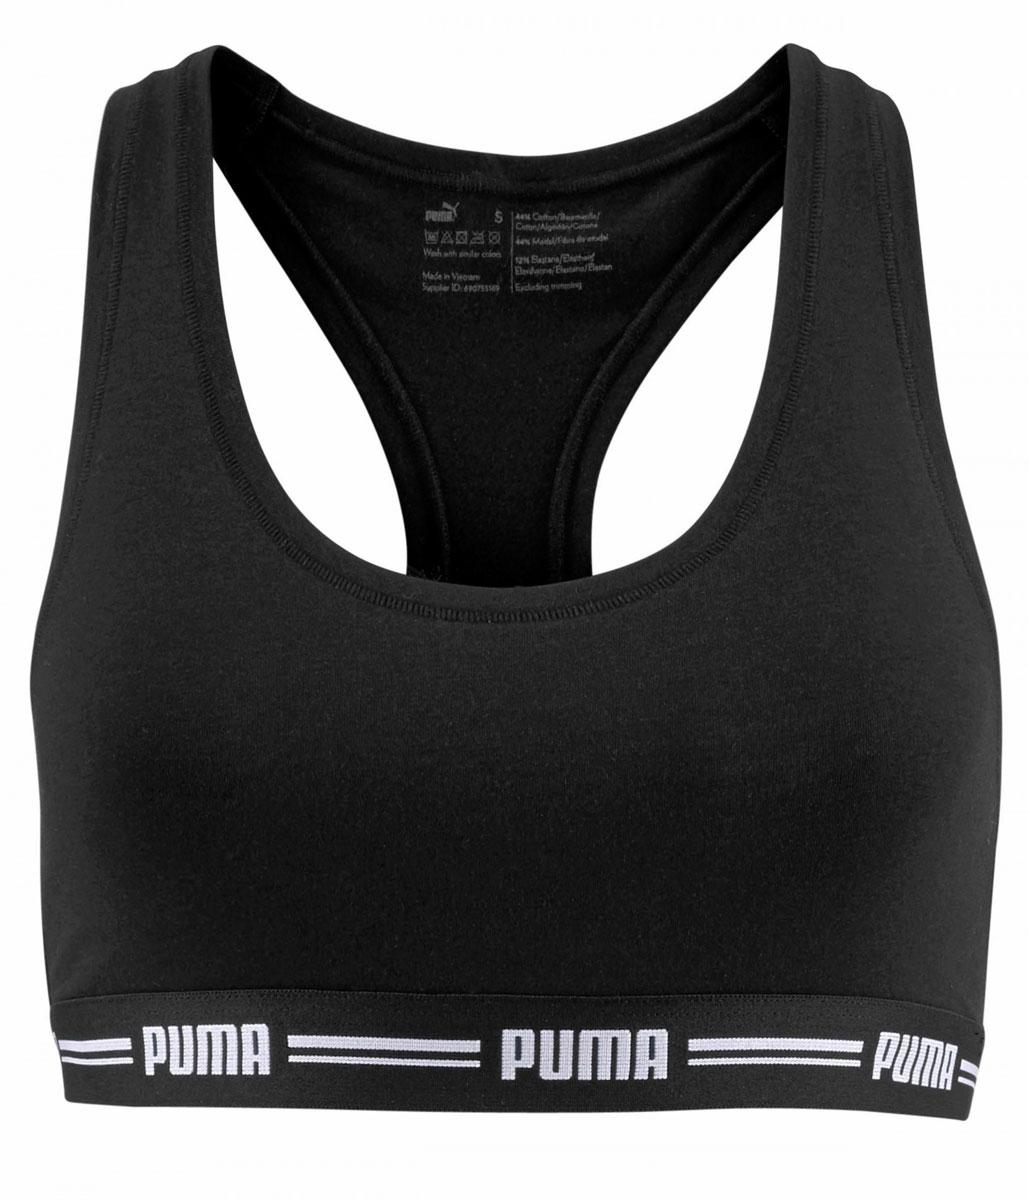 Топ-бра женский Puma Iconic Racer Back Bra 1, цвет: черный. 90688902. Размер XS (40/42)90688902Спортивный топ-бра Puma Iconic Racer Back Bra 1 выполнен из высококачественного эластичного материала. Модель на не регулируемых по длине бретелях имеет широкий эластичный пояс, который обеспечивает бережную поддержку. Широкие бретельки и спинка-борцовка надежно фиксируют топ на плечах.